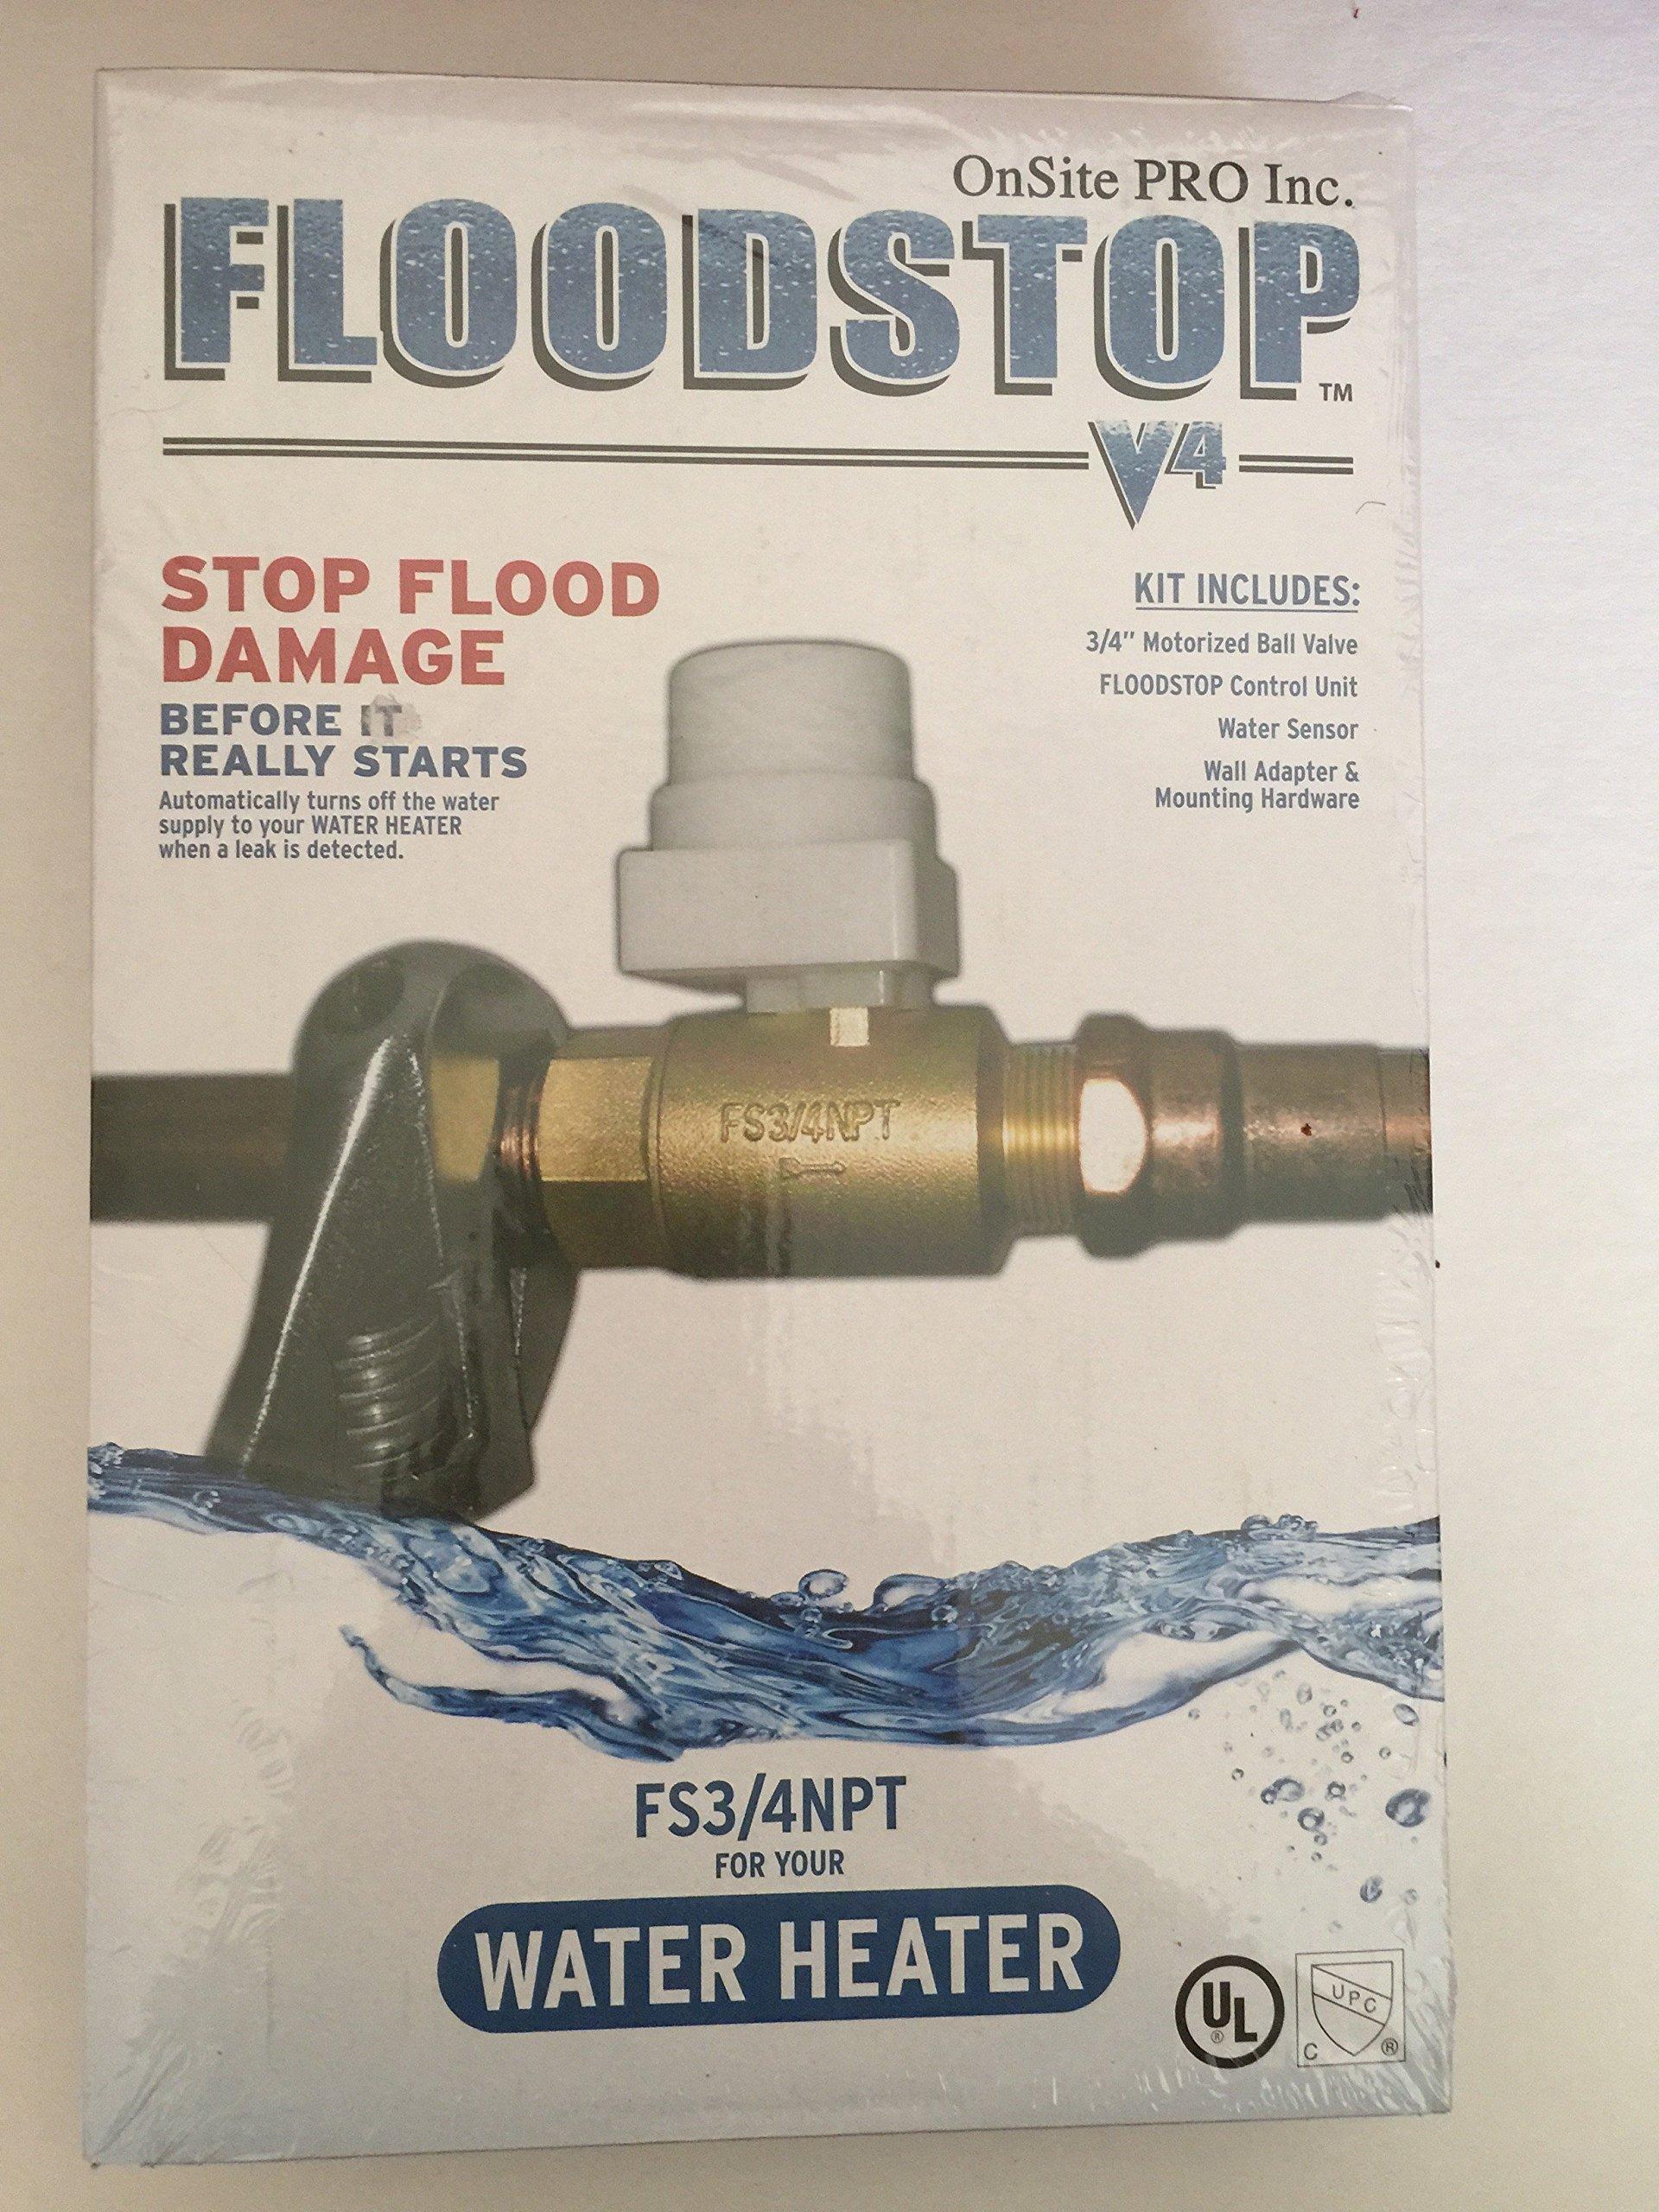 FLOODSTOP for Water Heater FS3/4NPT